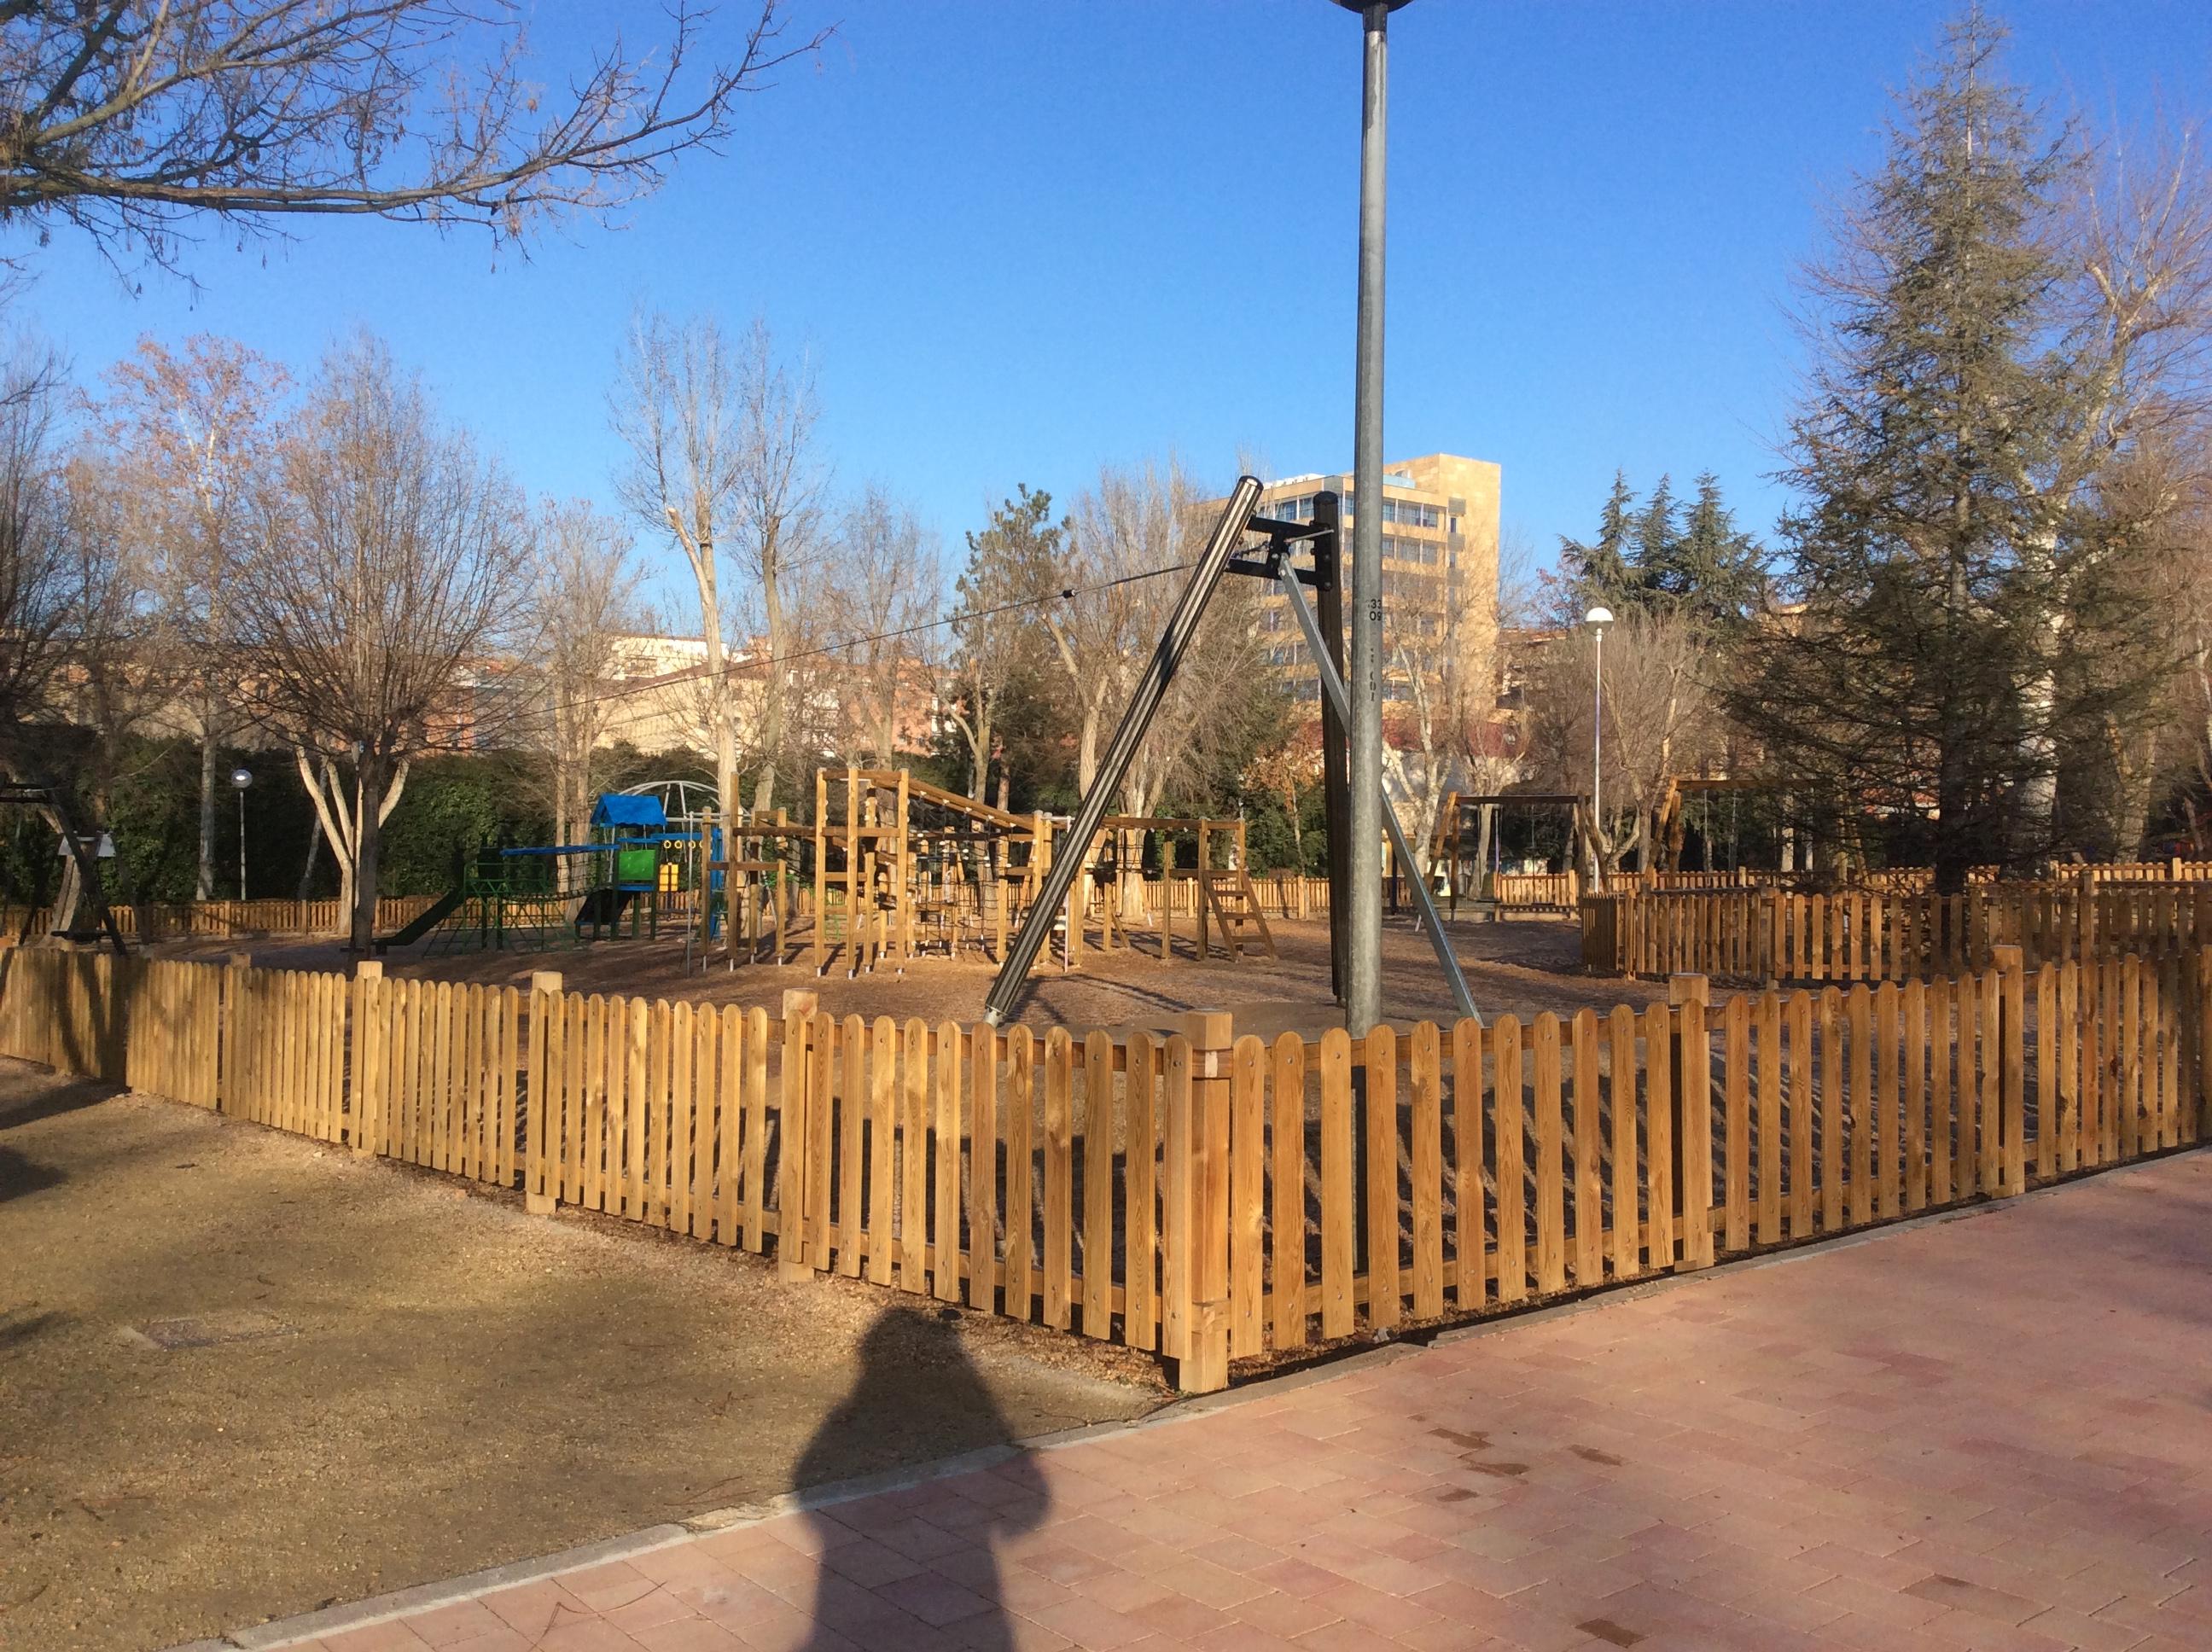 10年ほど前に整備された公園。遊具が近代的で、霜の降りた早い時間でしたが、高齢者が集まって運動していました。